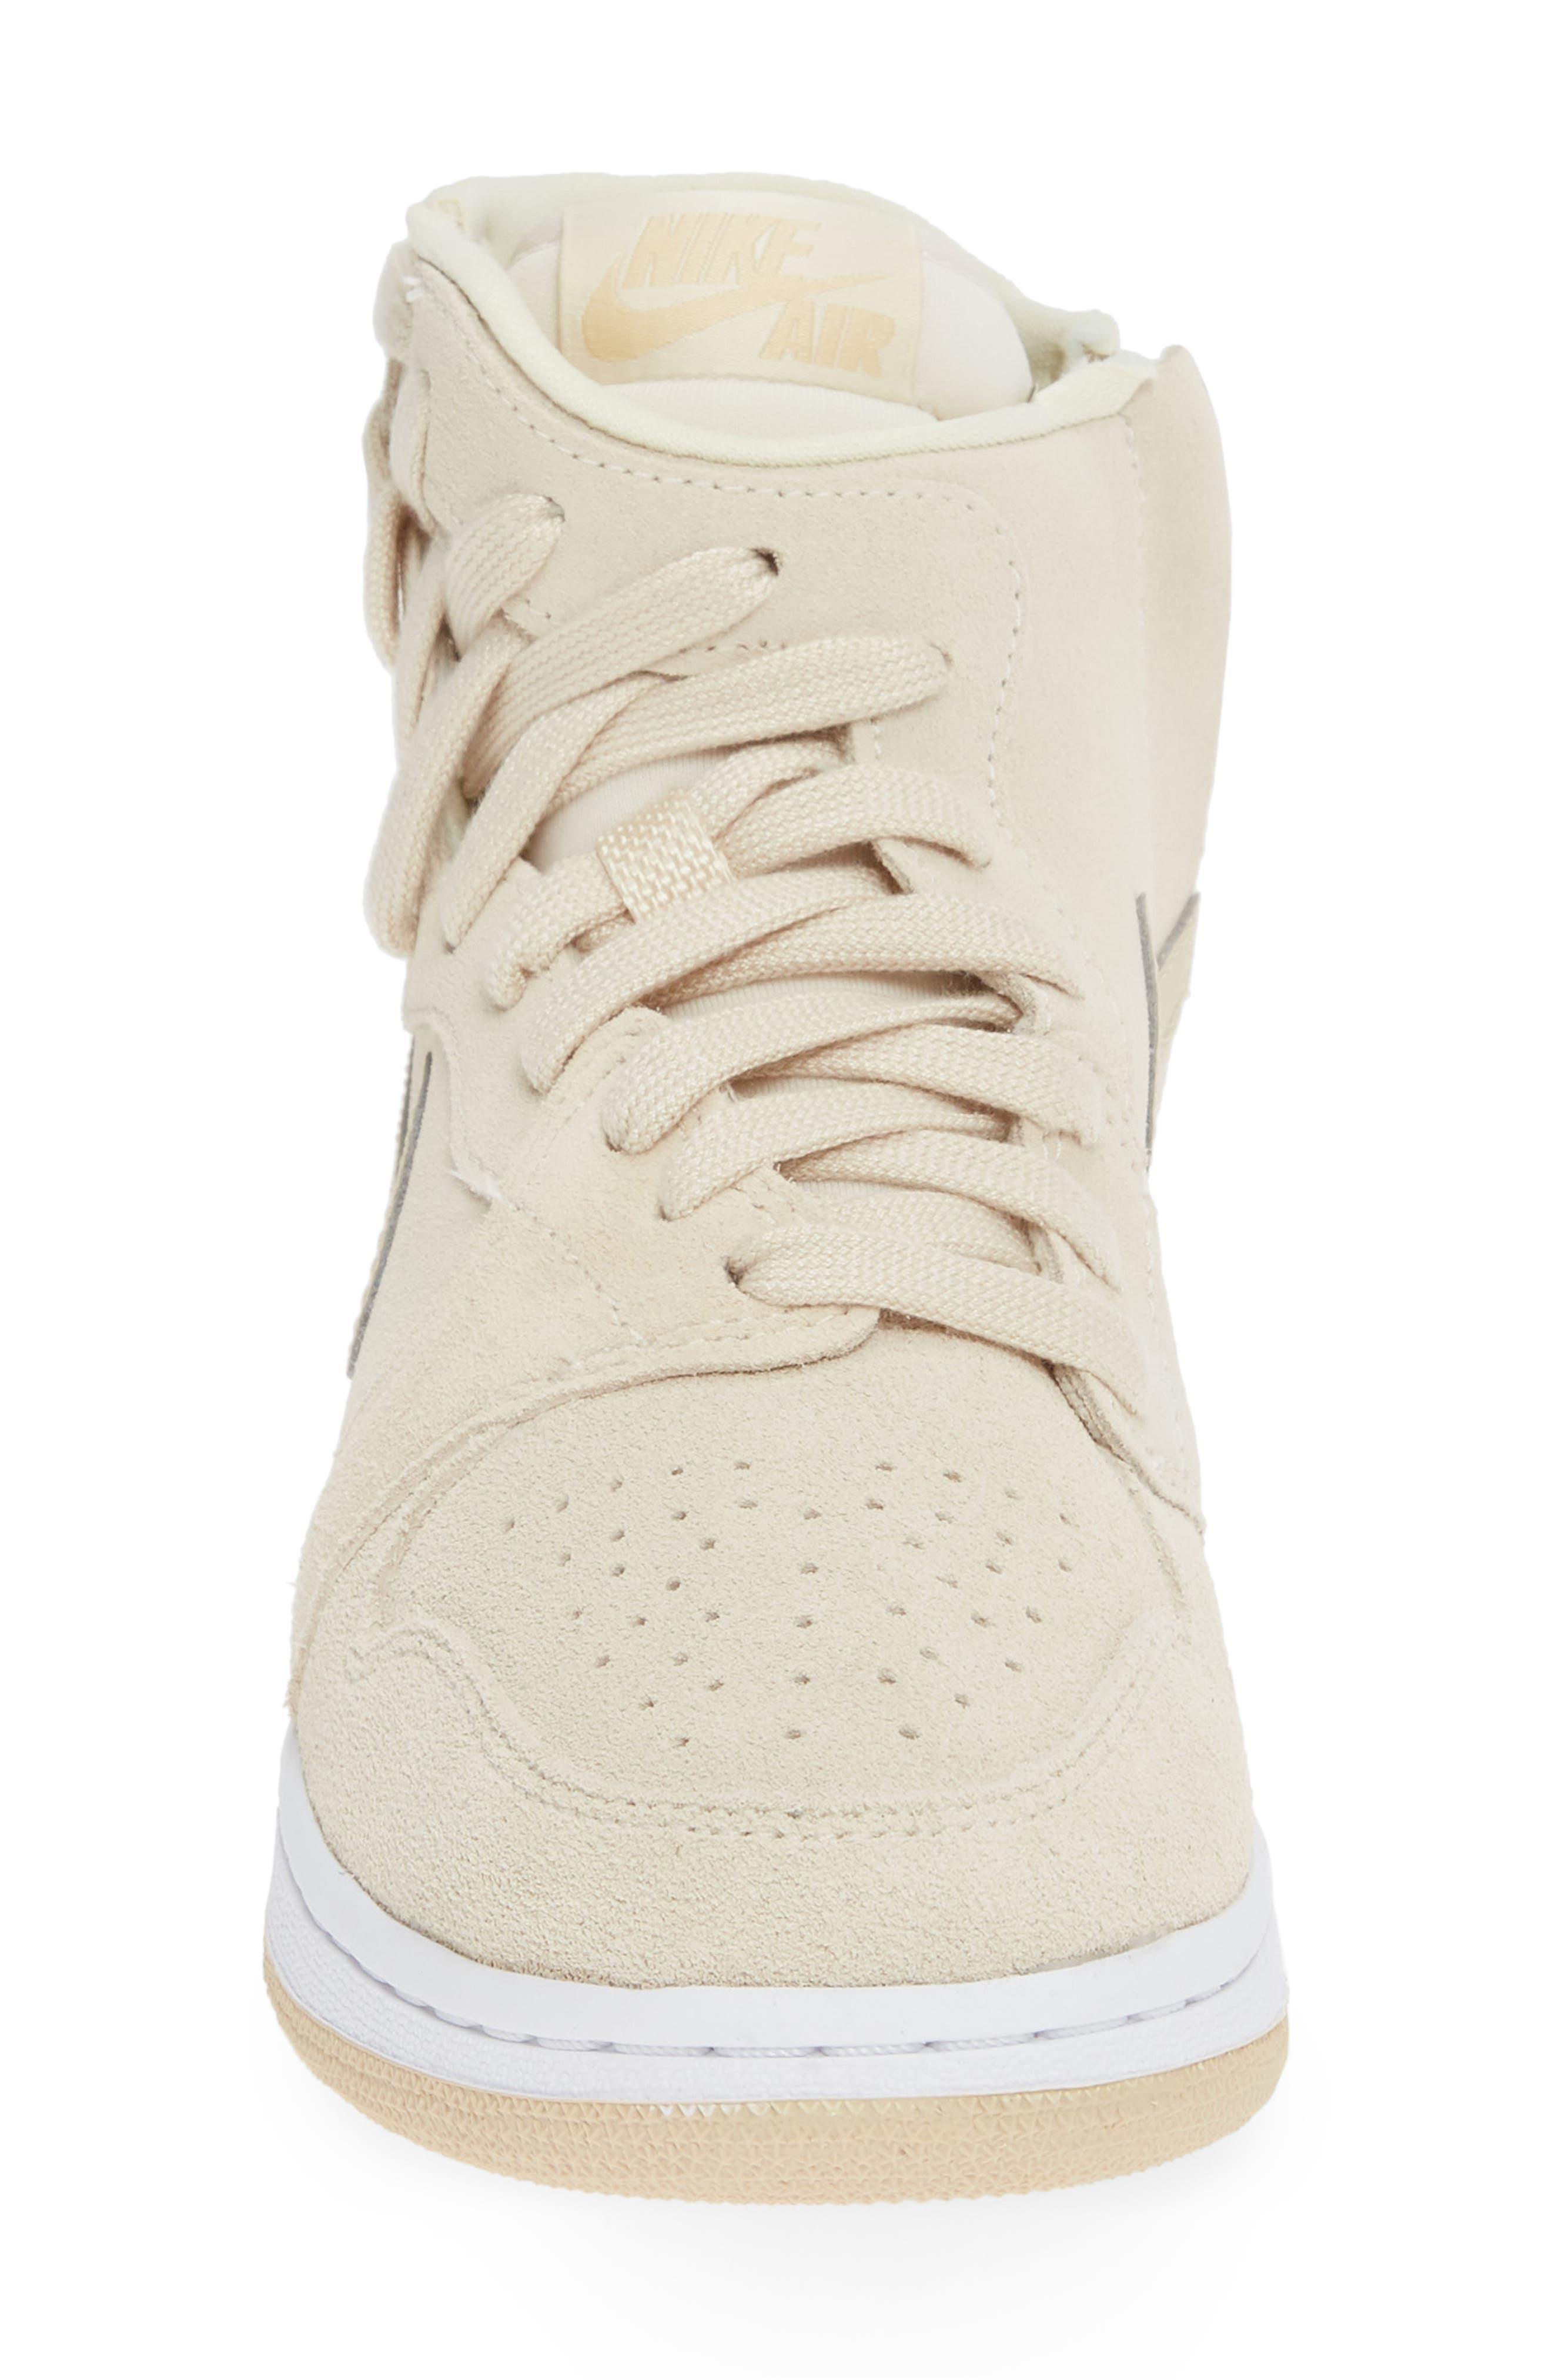 NIKE, Air Jordan 1 Rebel XX High Top Sneaker, Alternate thumbnail 4, color, LIGHT CREAM/ DESERT ORE/ WHITE